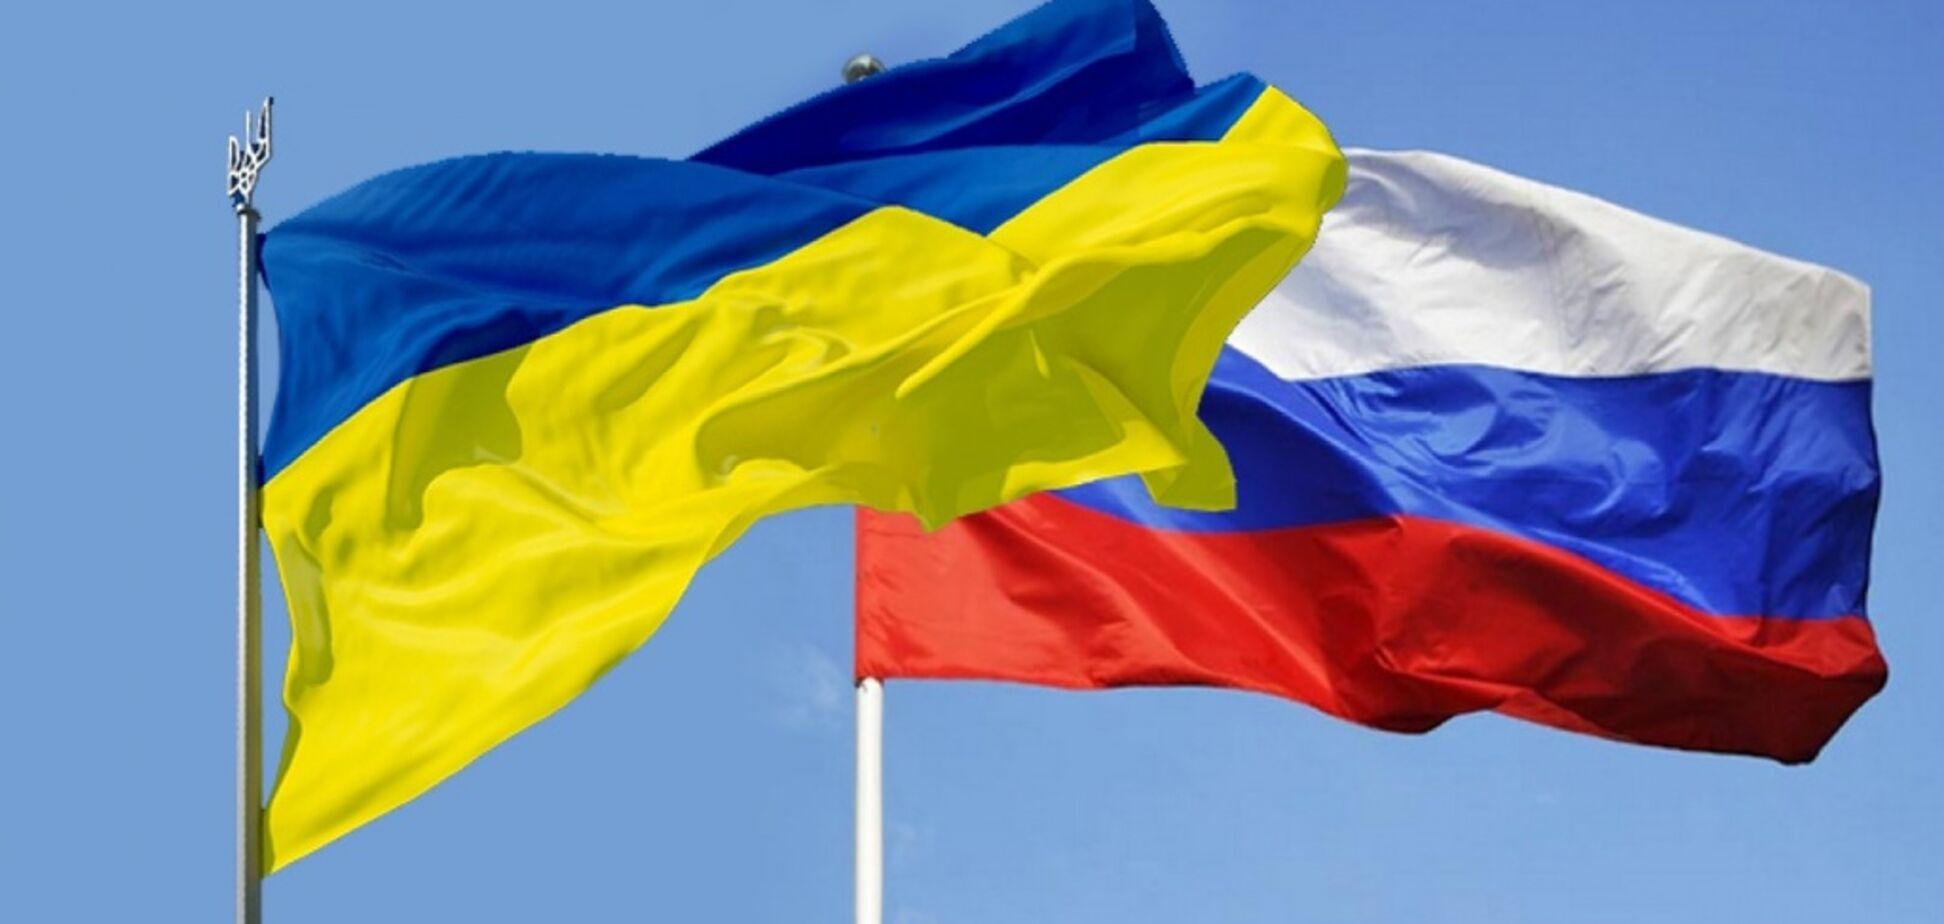 Введение виз с Россией: украинский дипломат предложил жесткие меры